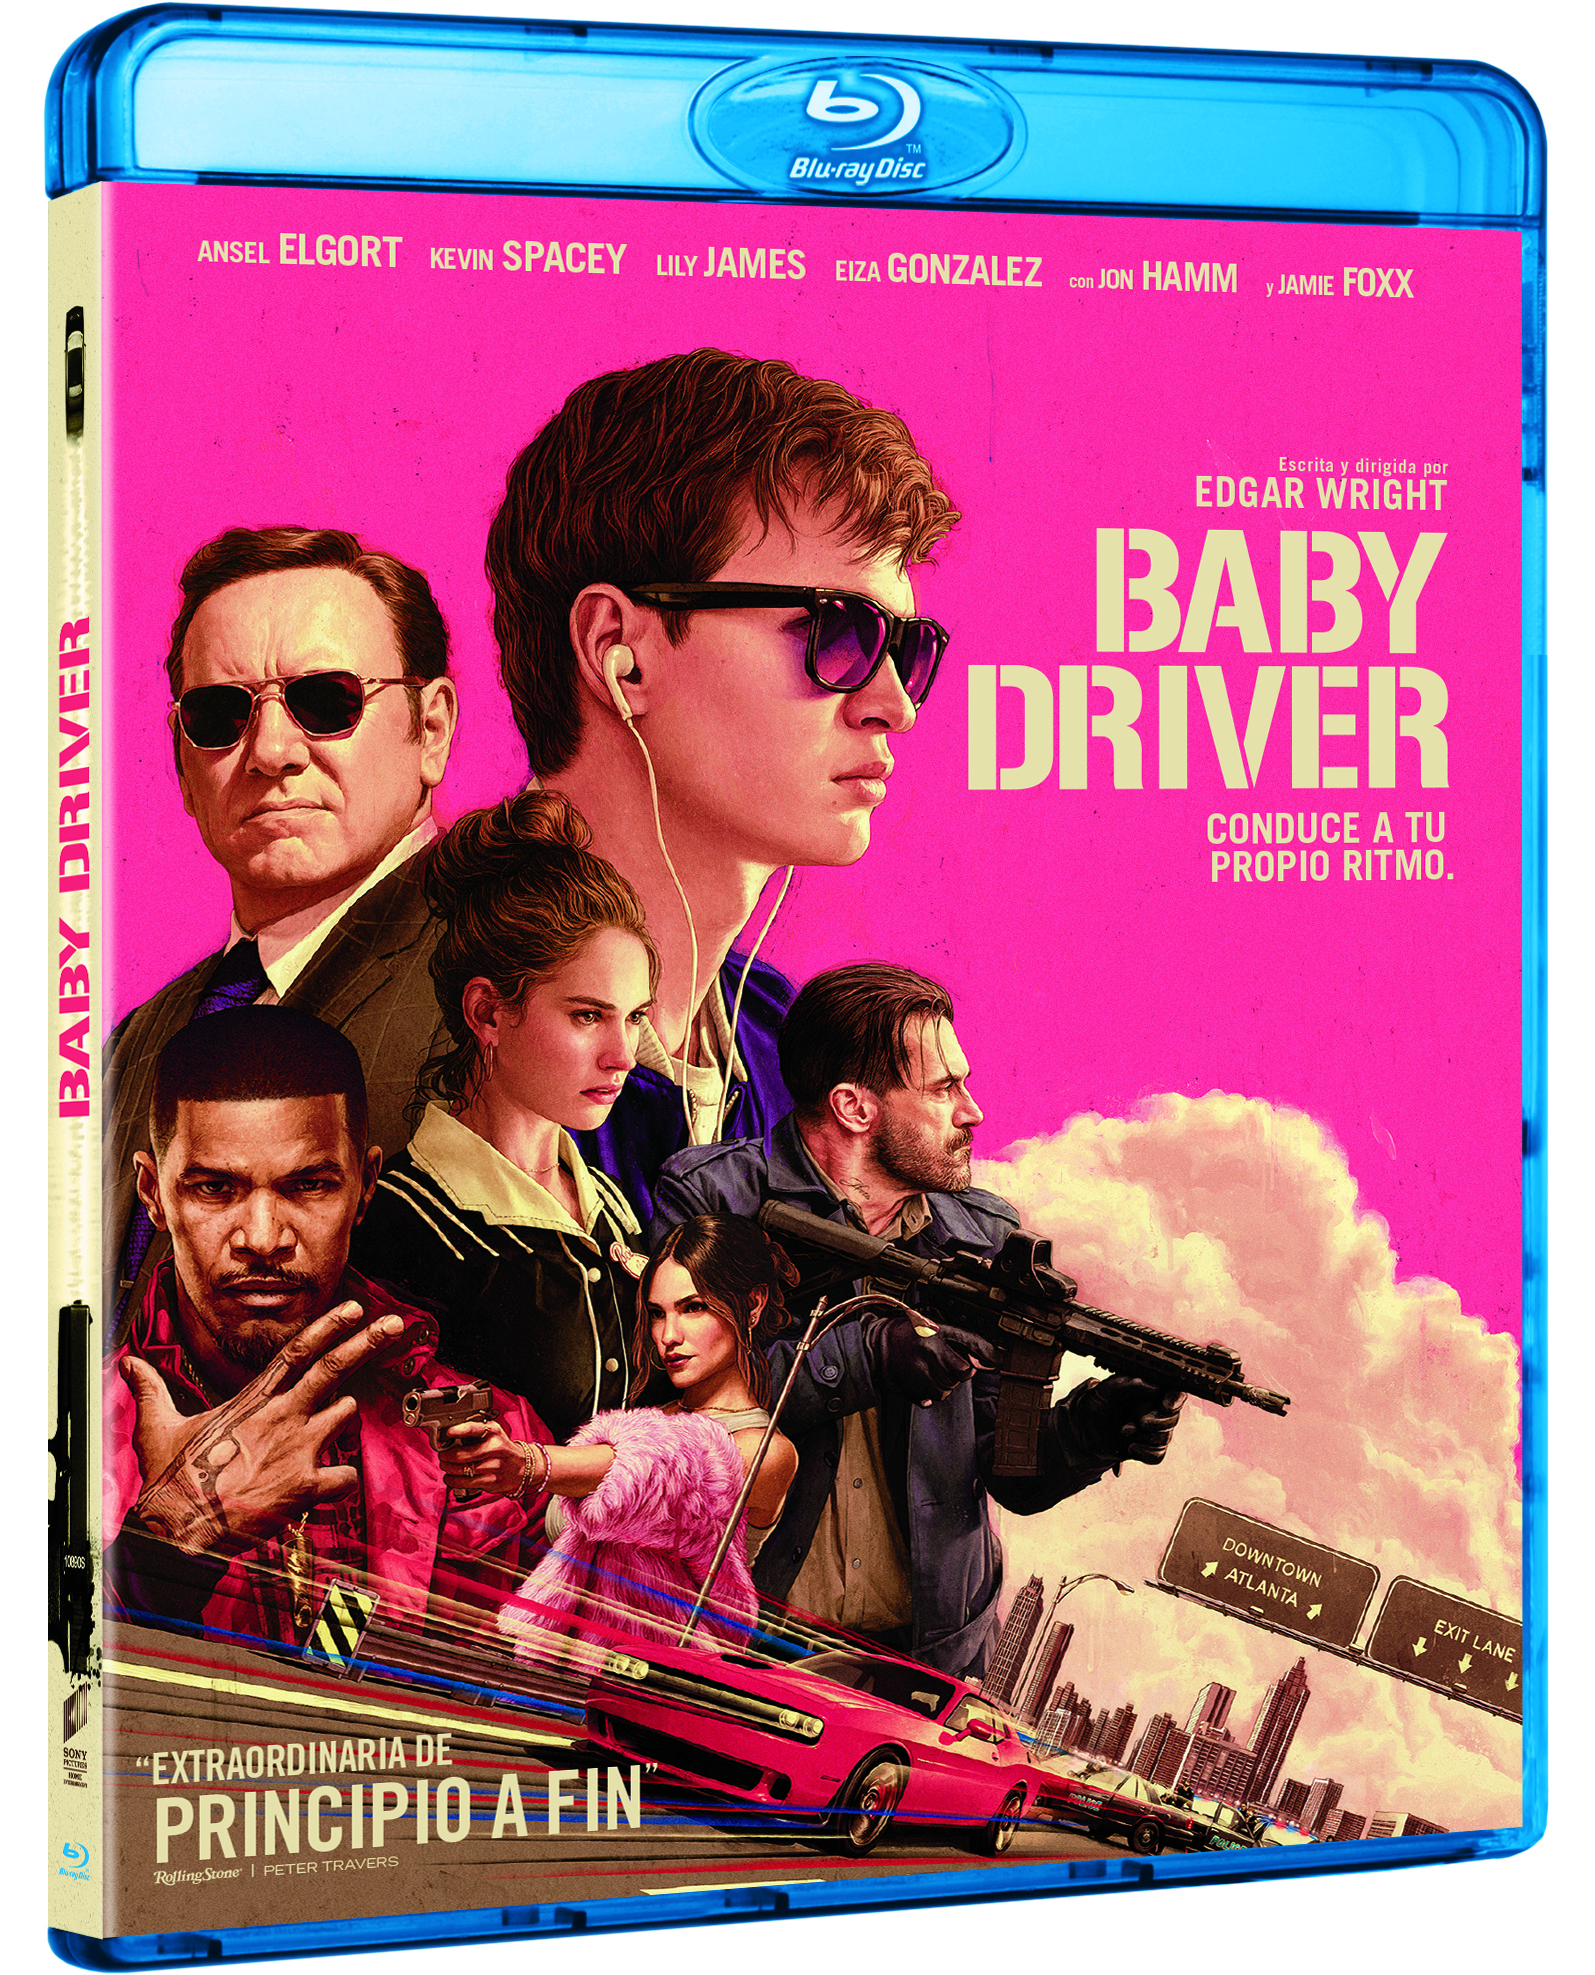 'Baby Driver' llegará el 1 de noviembre en 4K Ultra HD, Blu-ray y Dvd • En tu pantalla